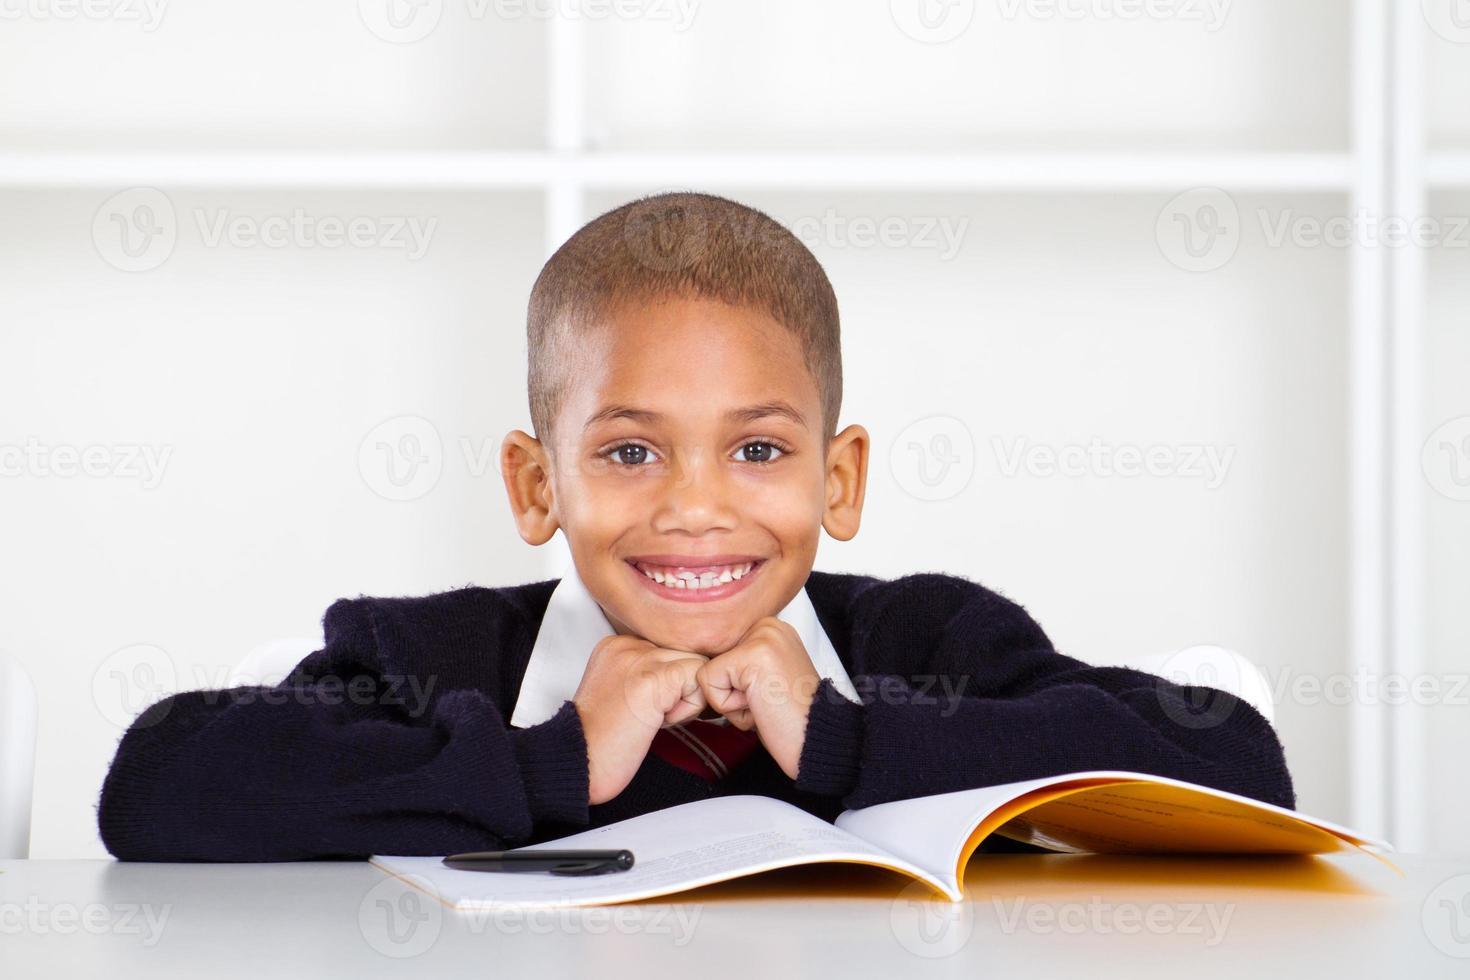 basisschooljongen foto